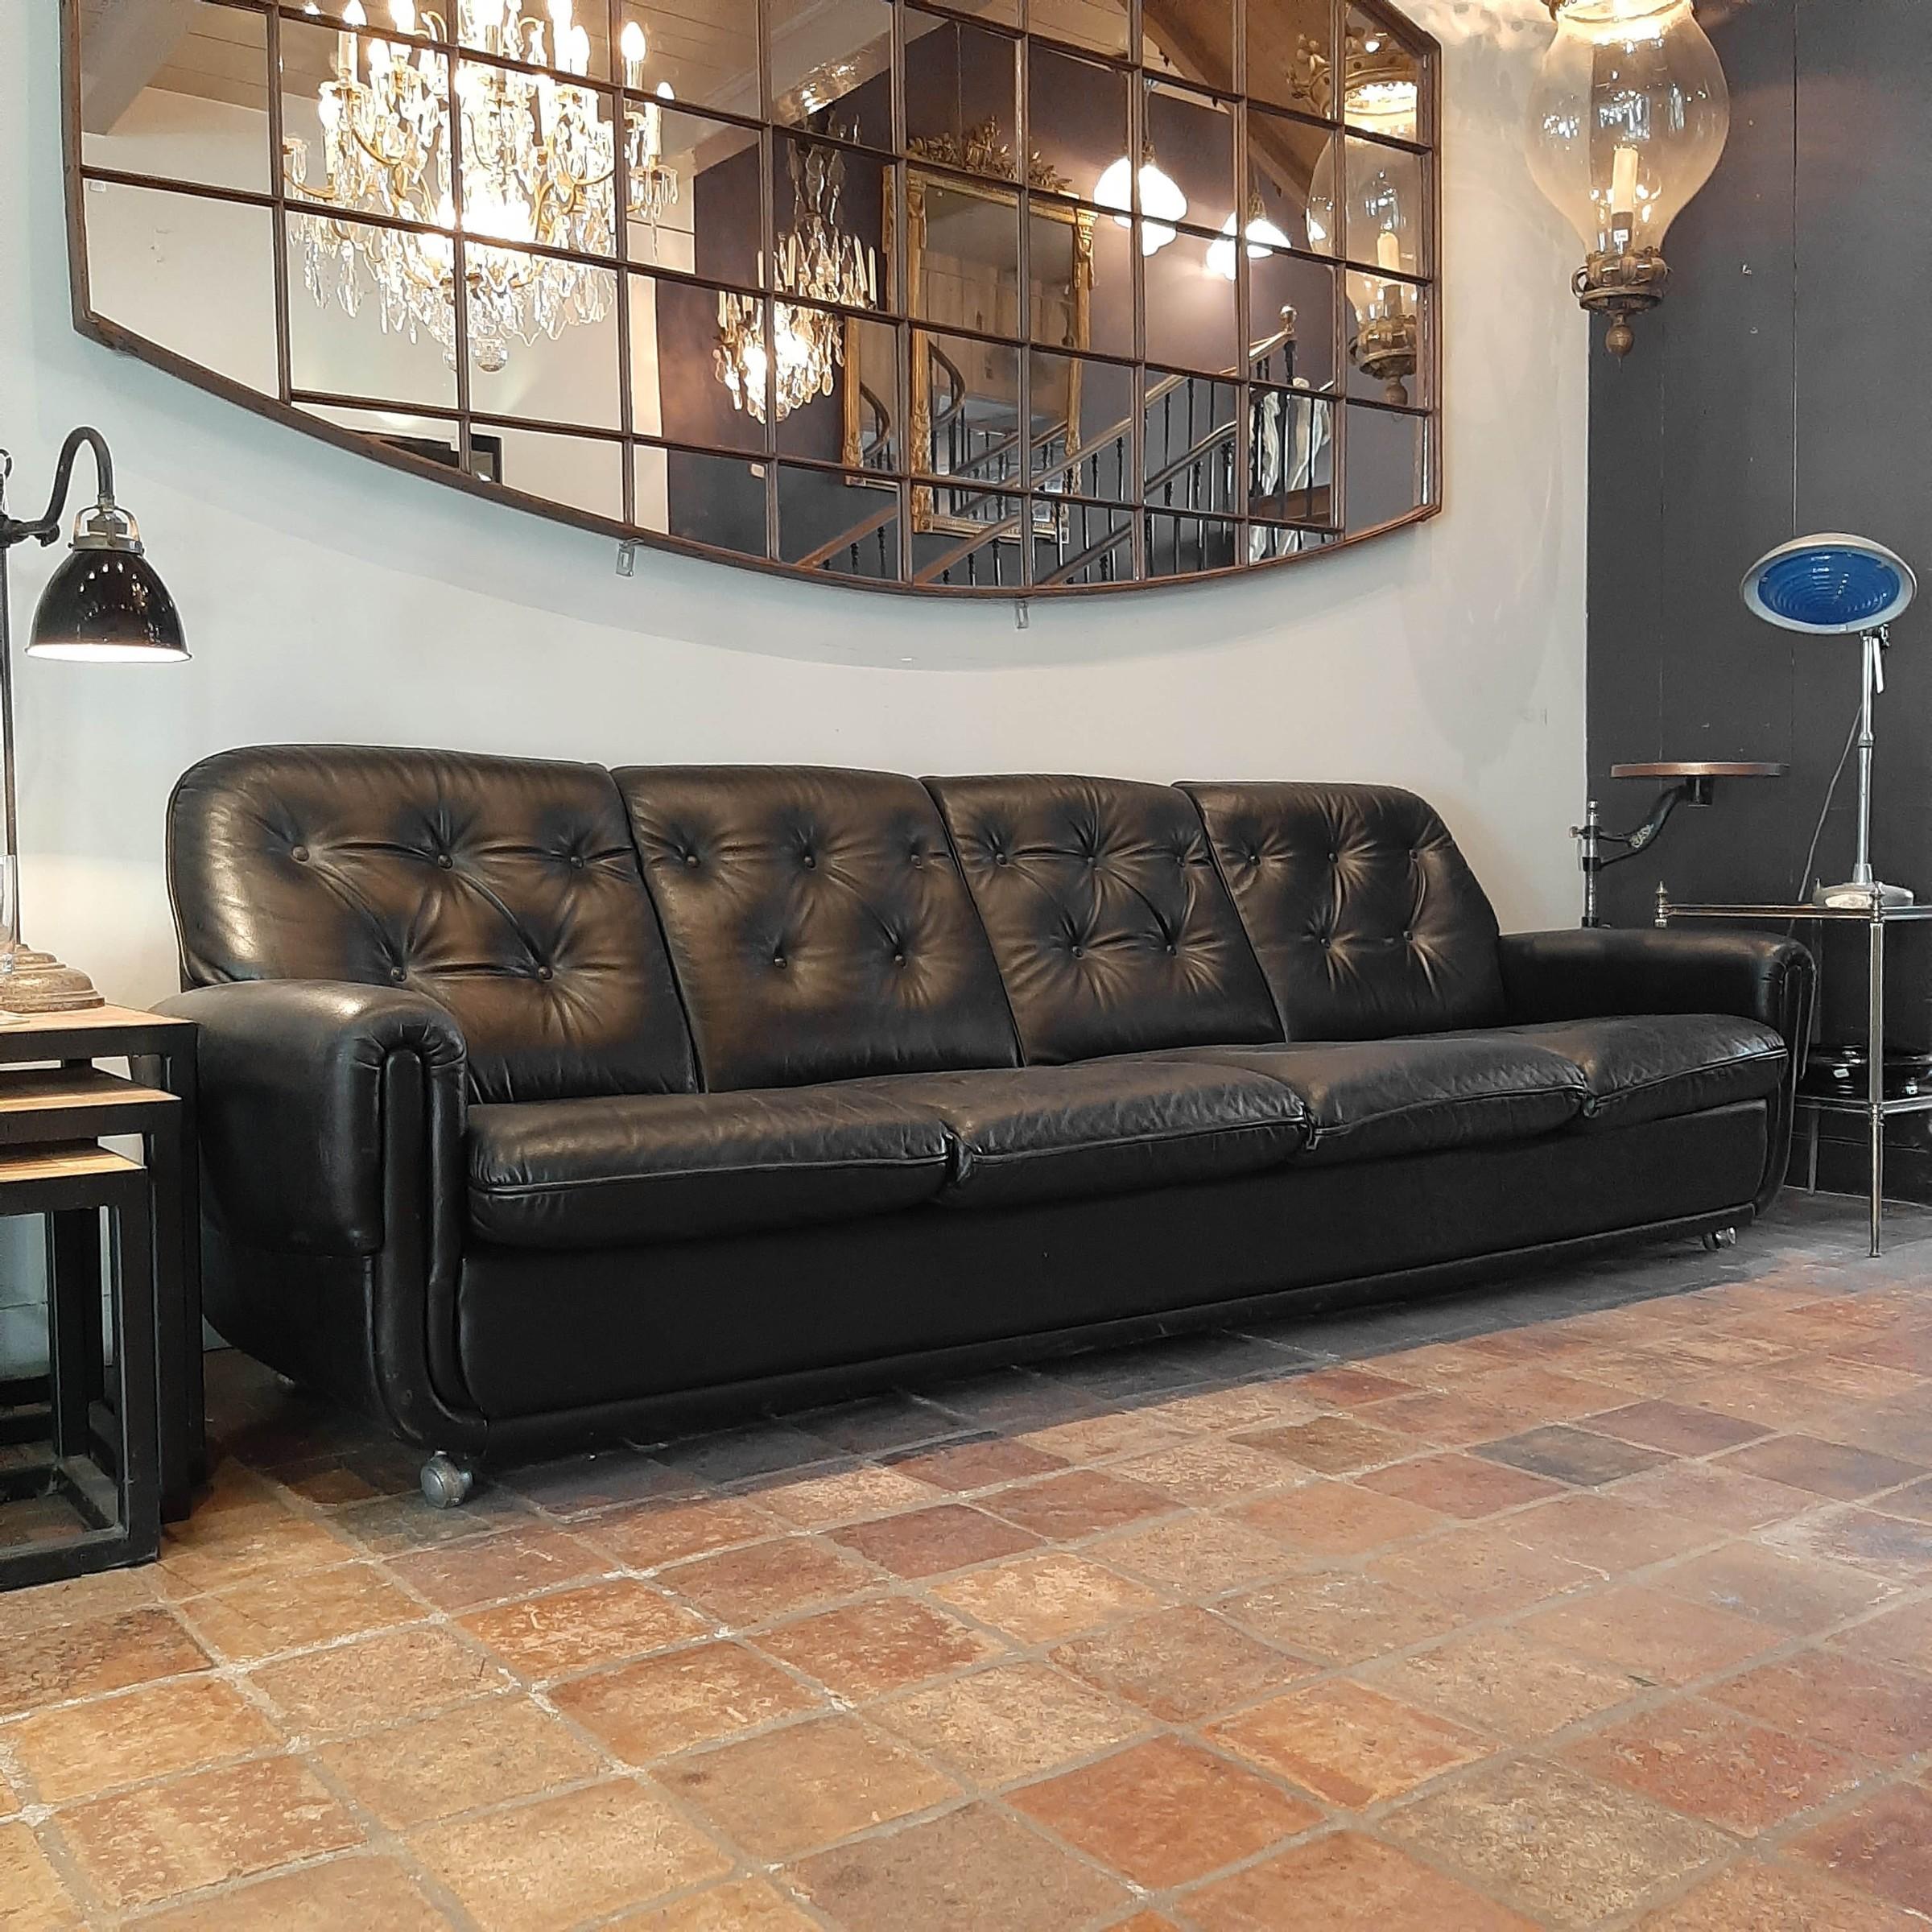 Vintage vier-zits sofa van zwart leer